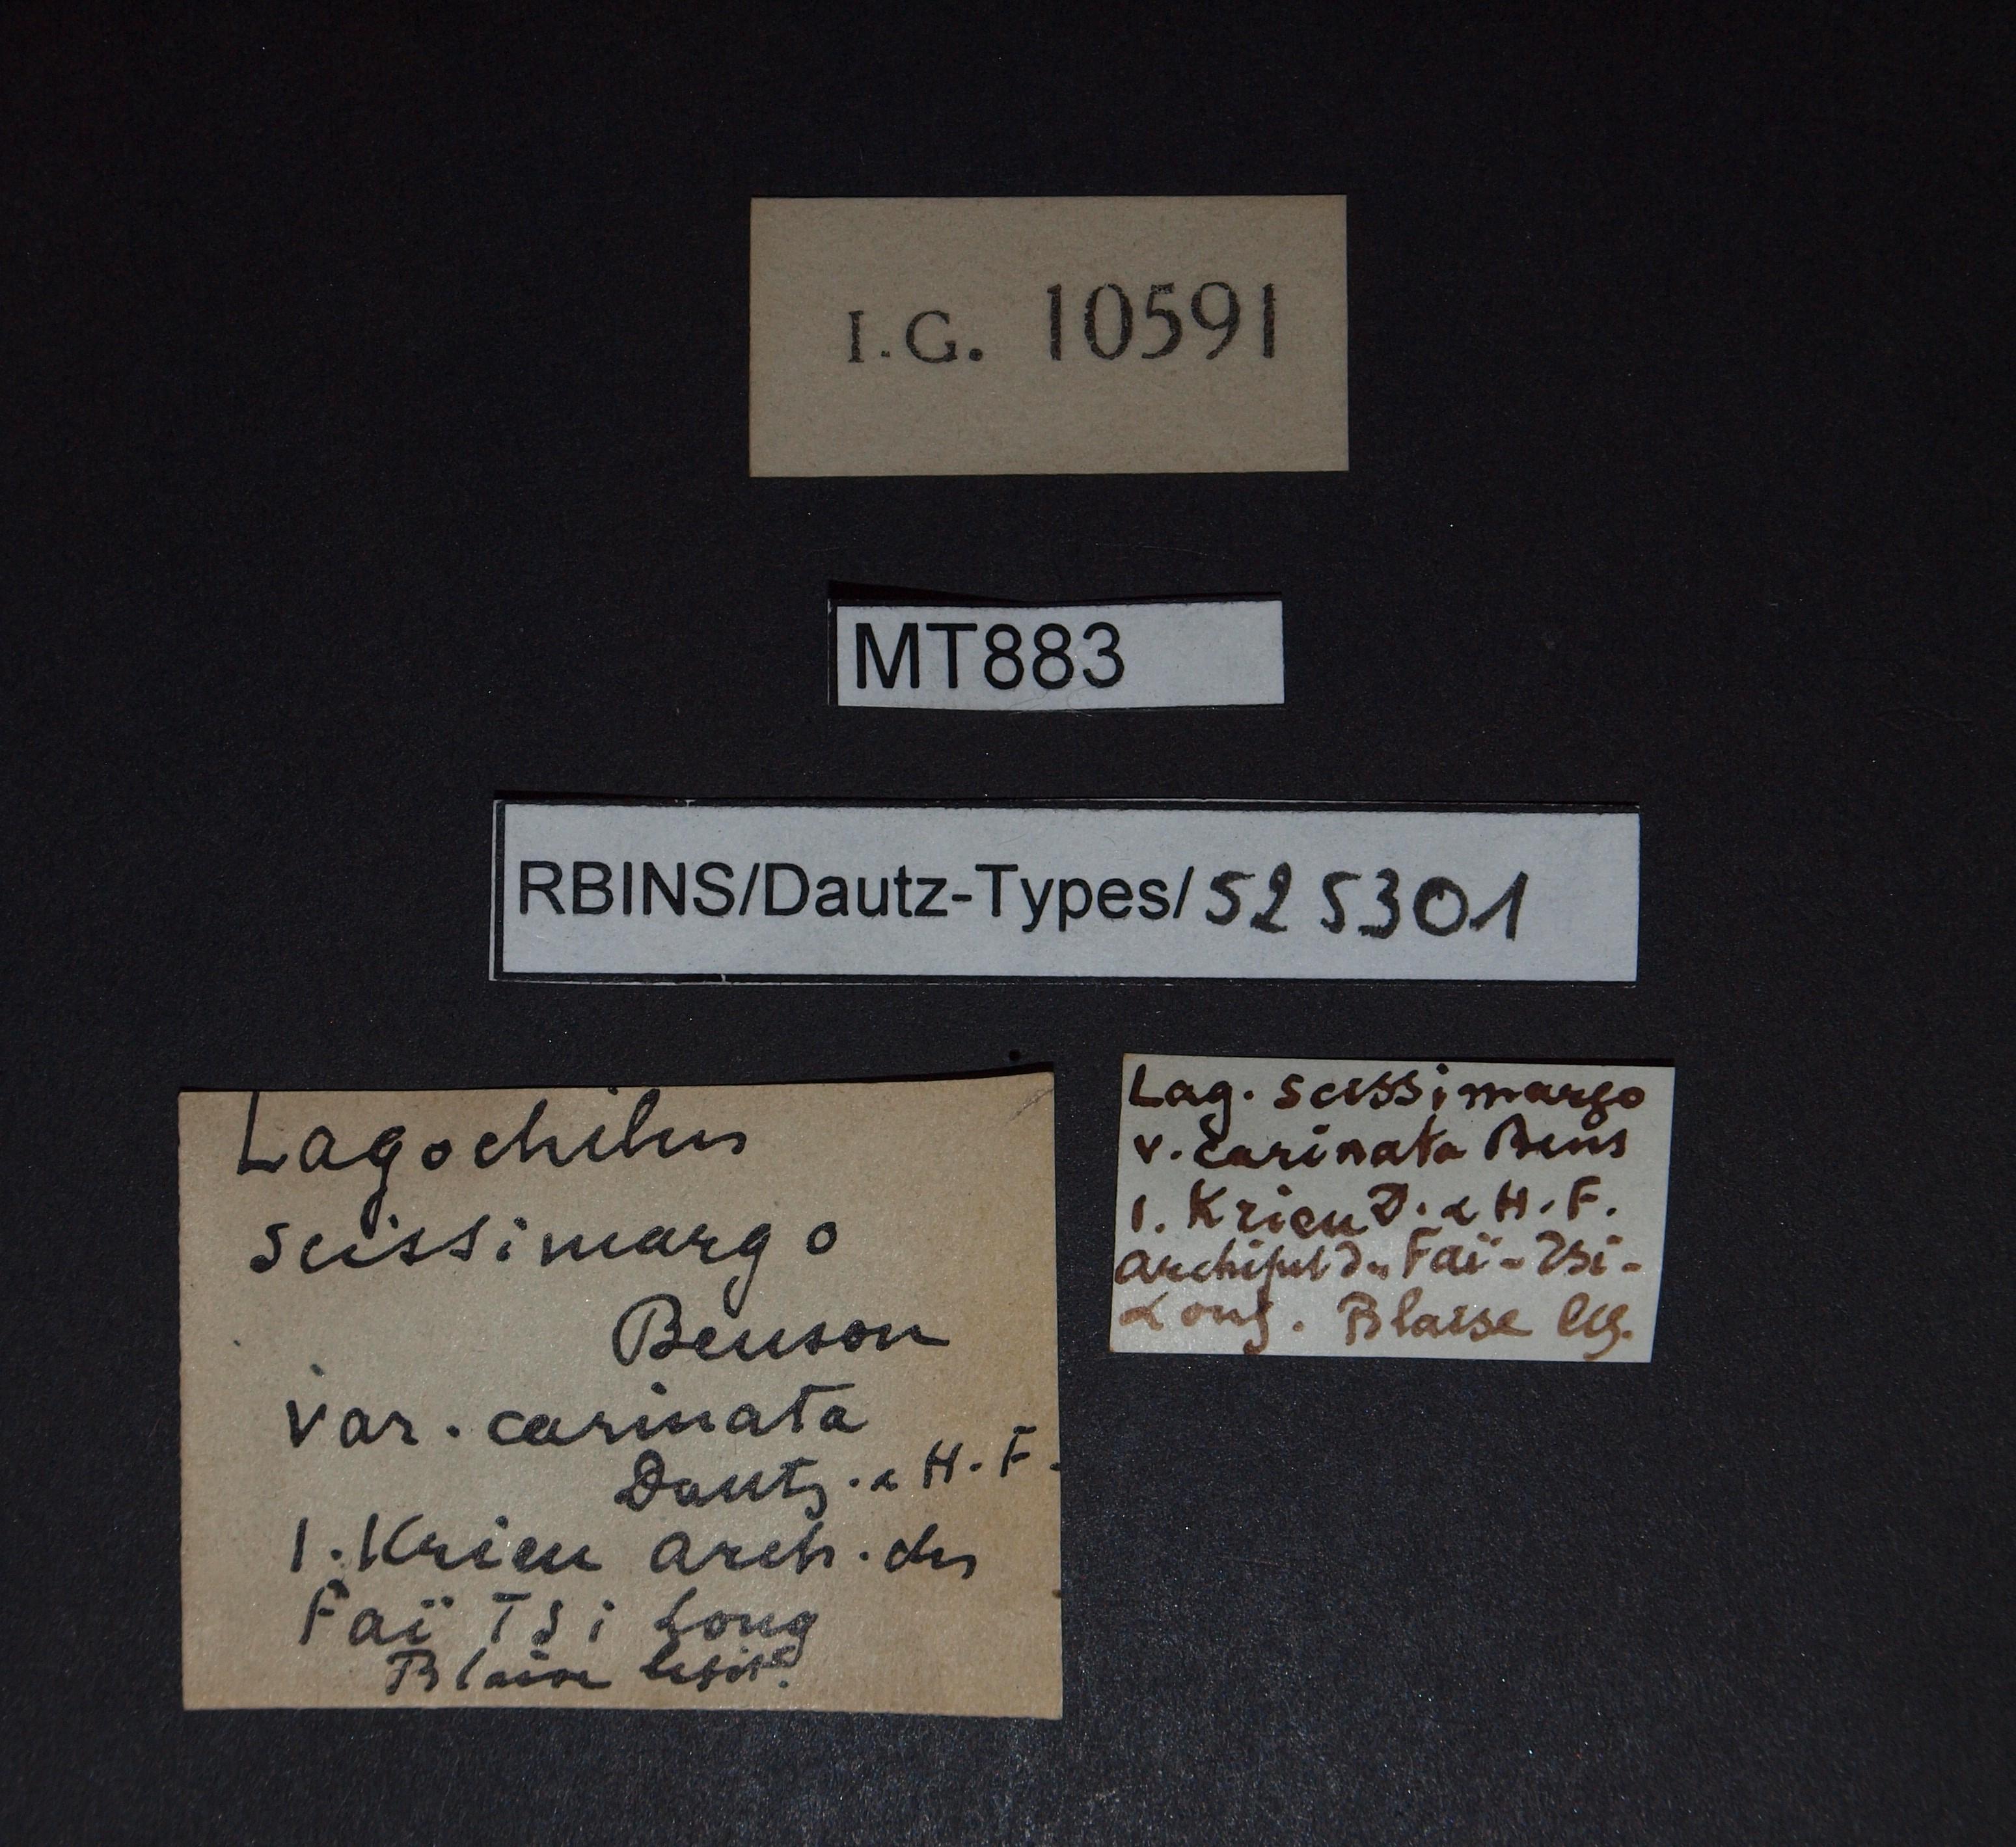 Lagochilus scissimargo var carinata pt.JPG